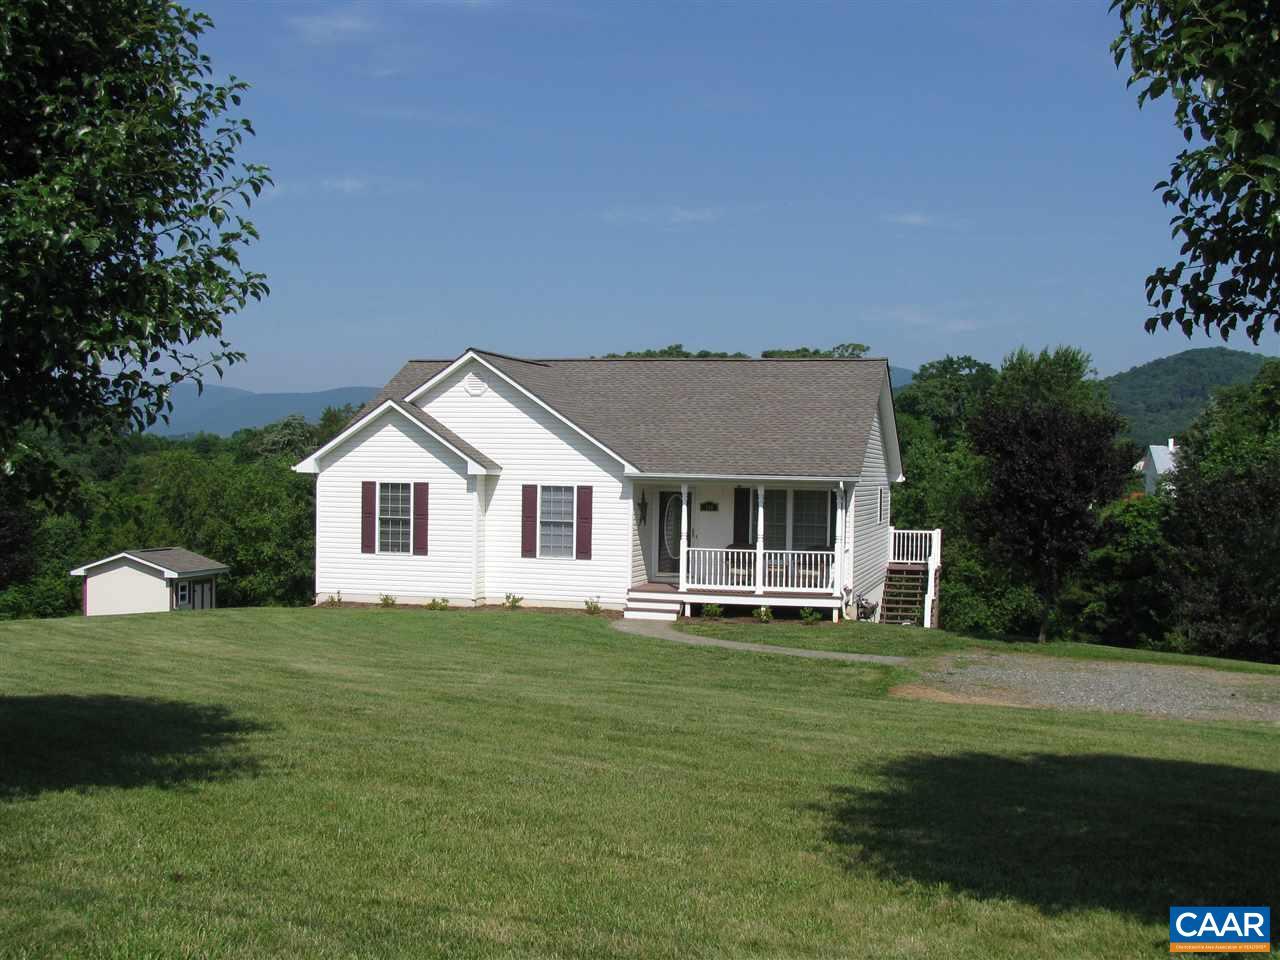 114 TRIPPLE S RANCH LN, STANARDSVILLE, VA 22973